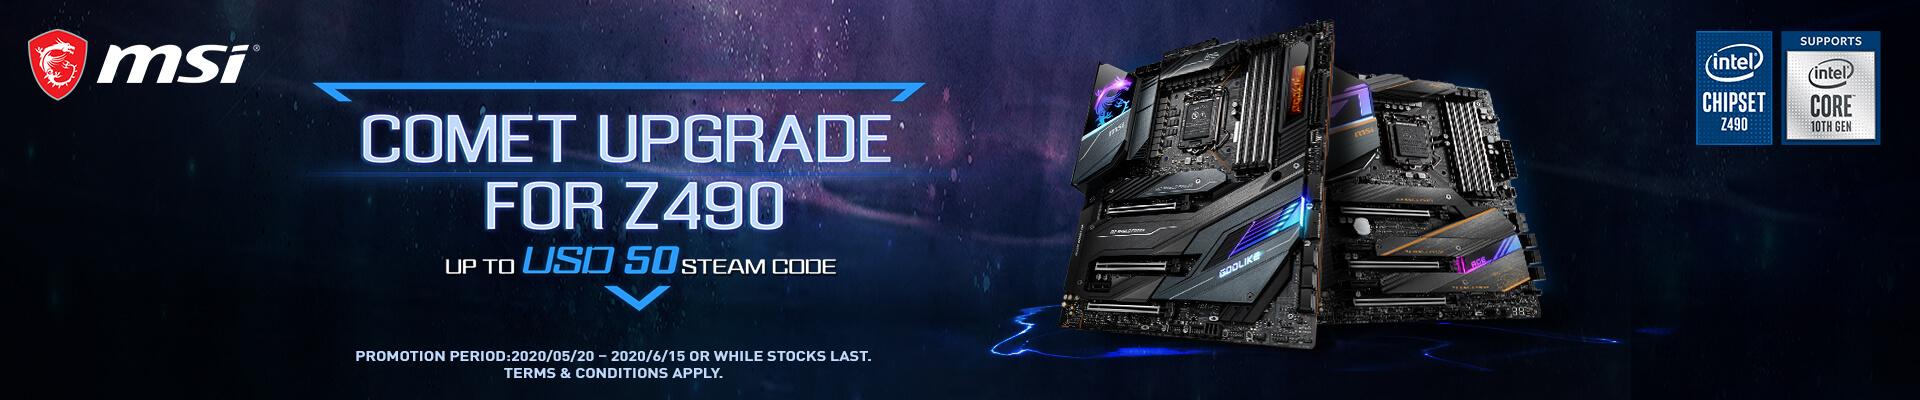 Buy MSI Z490 MOTHERBOARDS at Best Price In India